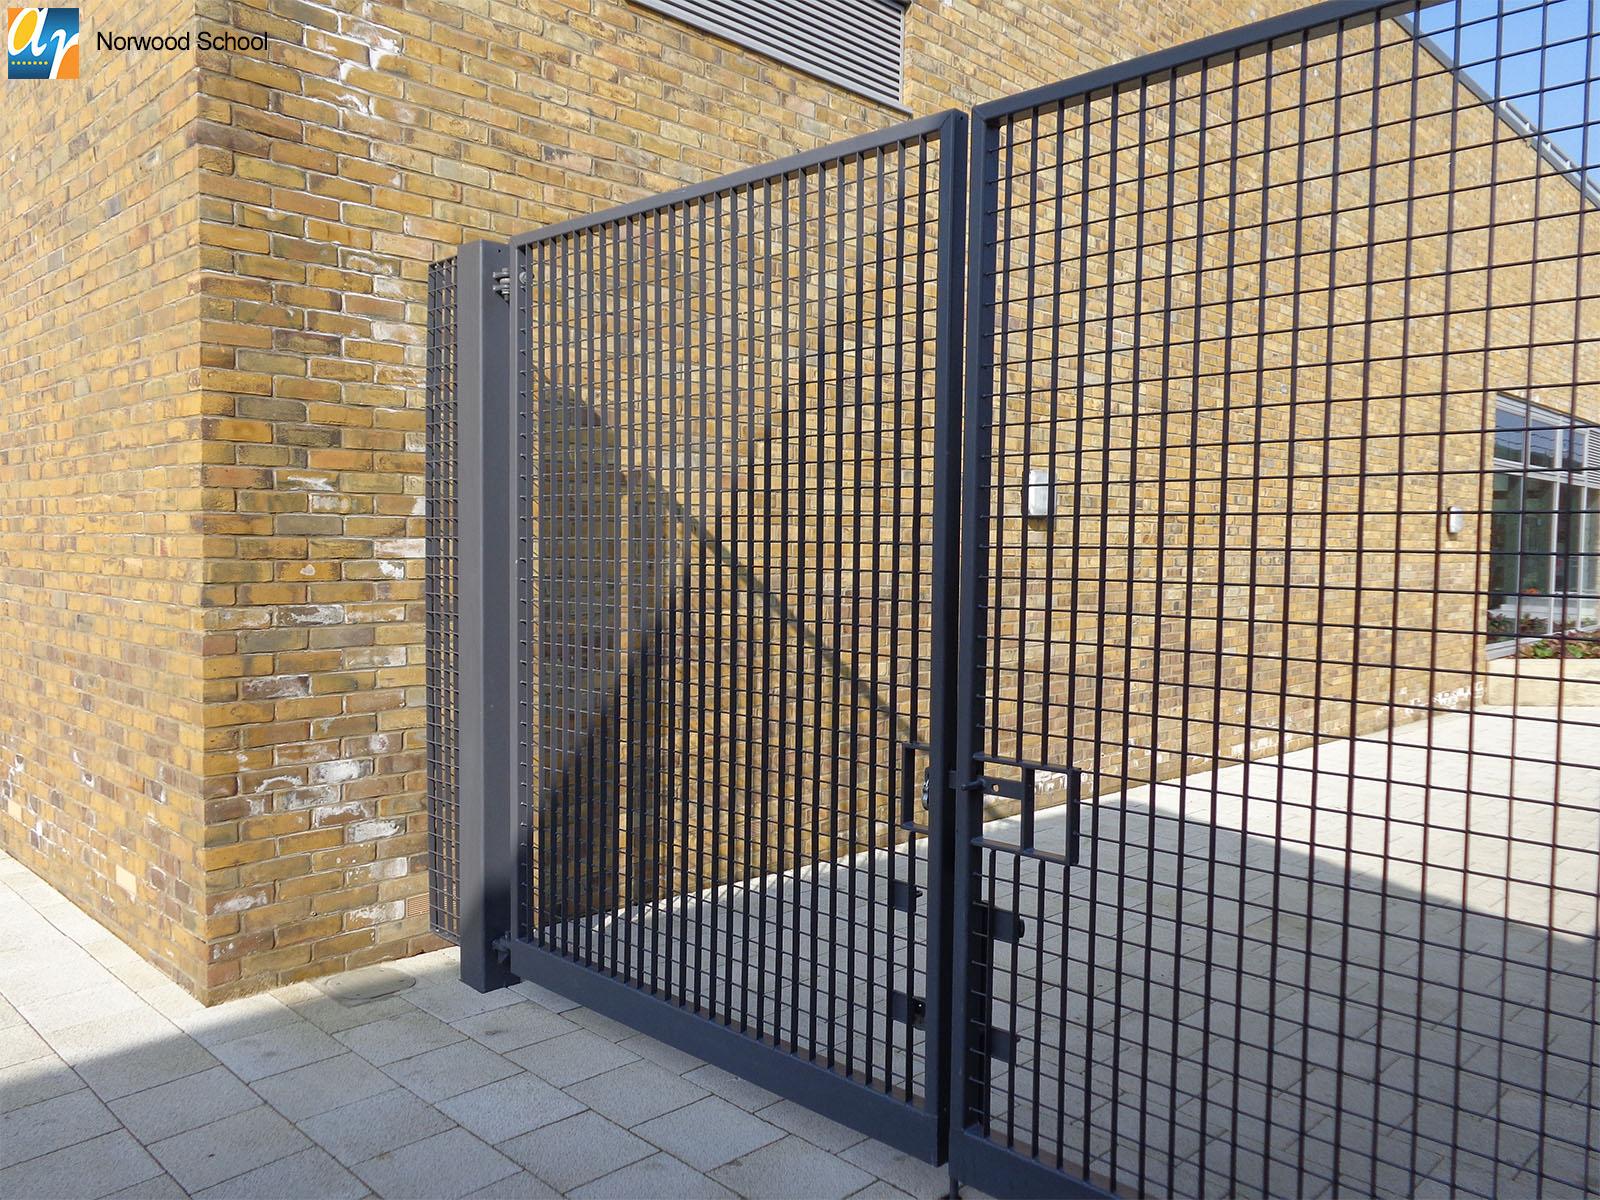 Norwood school metal railings